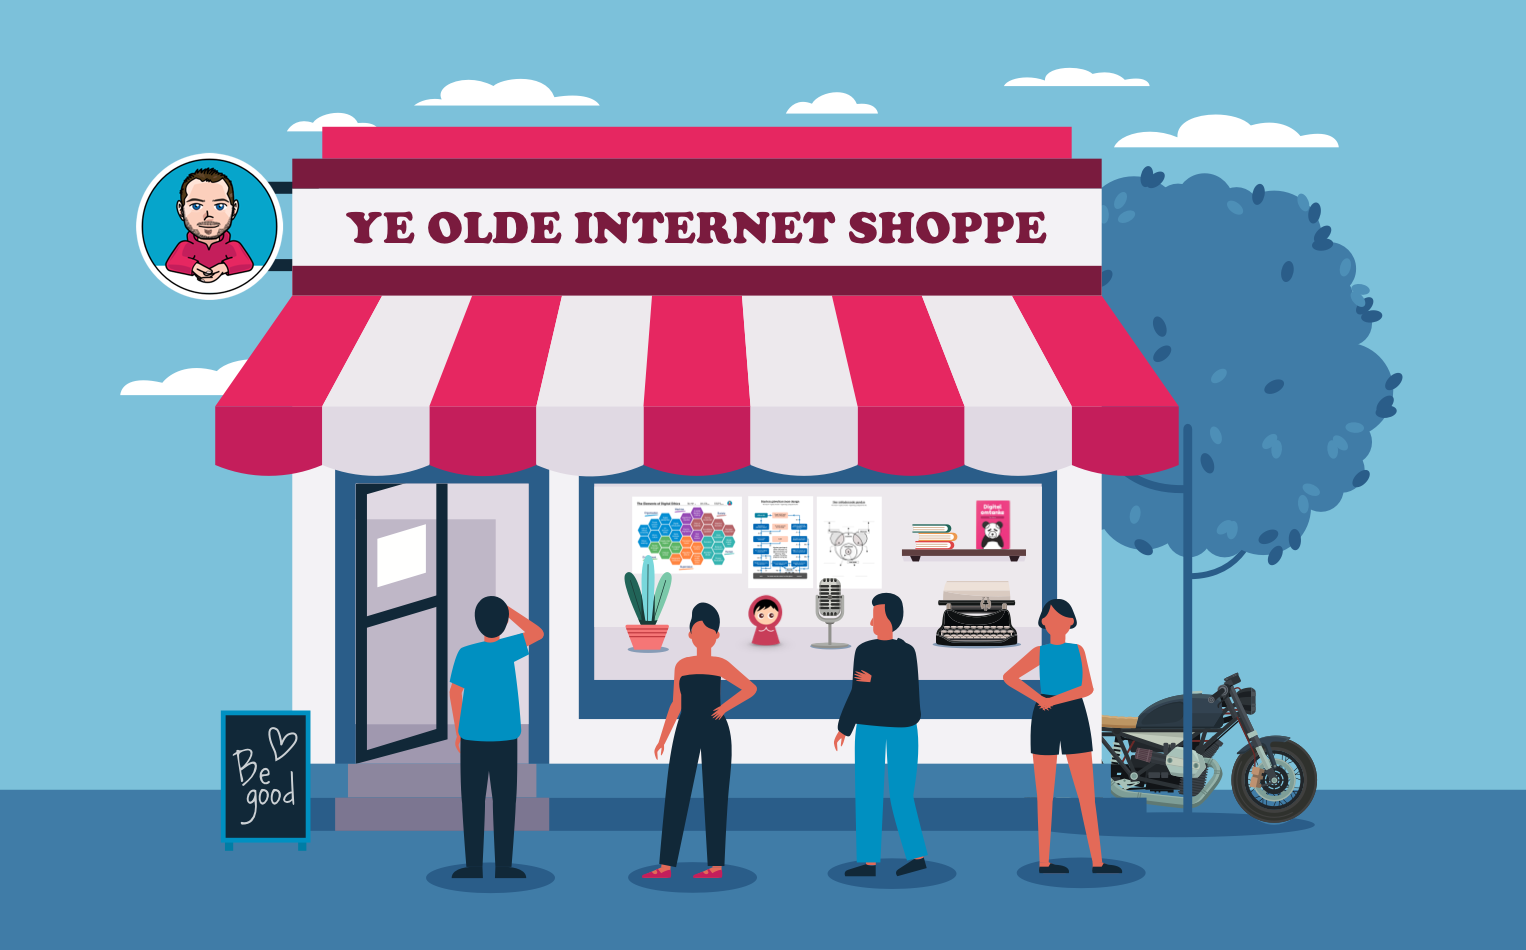 Ritad fysisk butik med människor som köar utanför. Per Axboms avatar-bild sitter fast på butiksskylten med texten